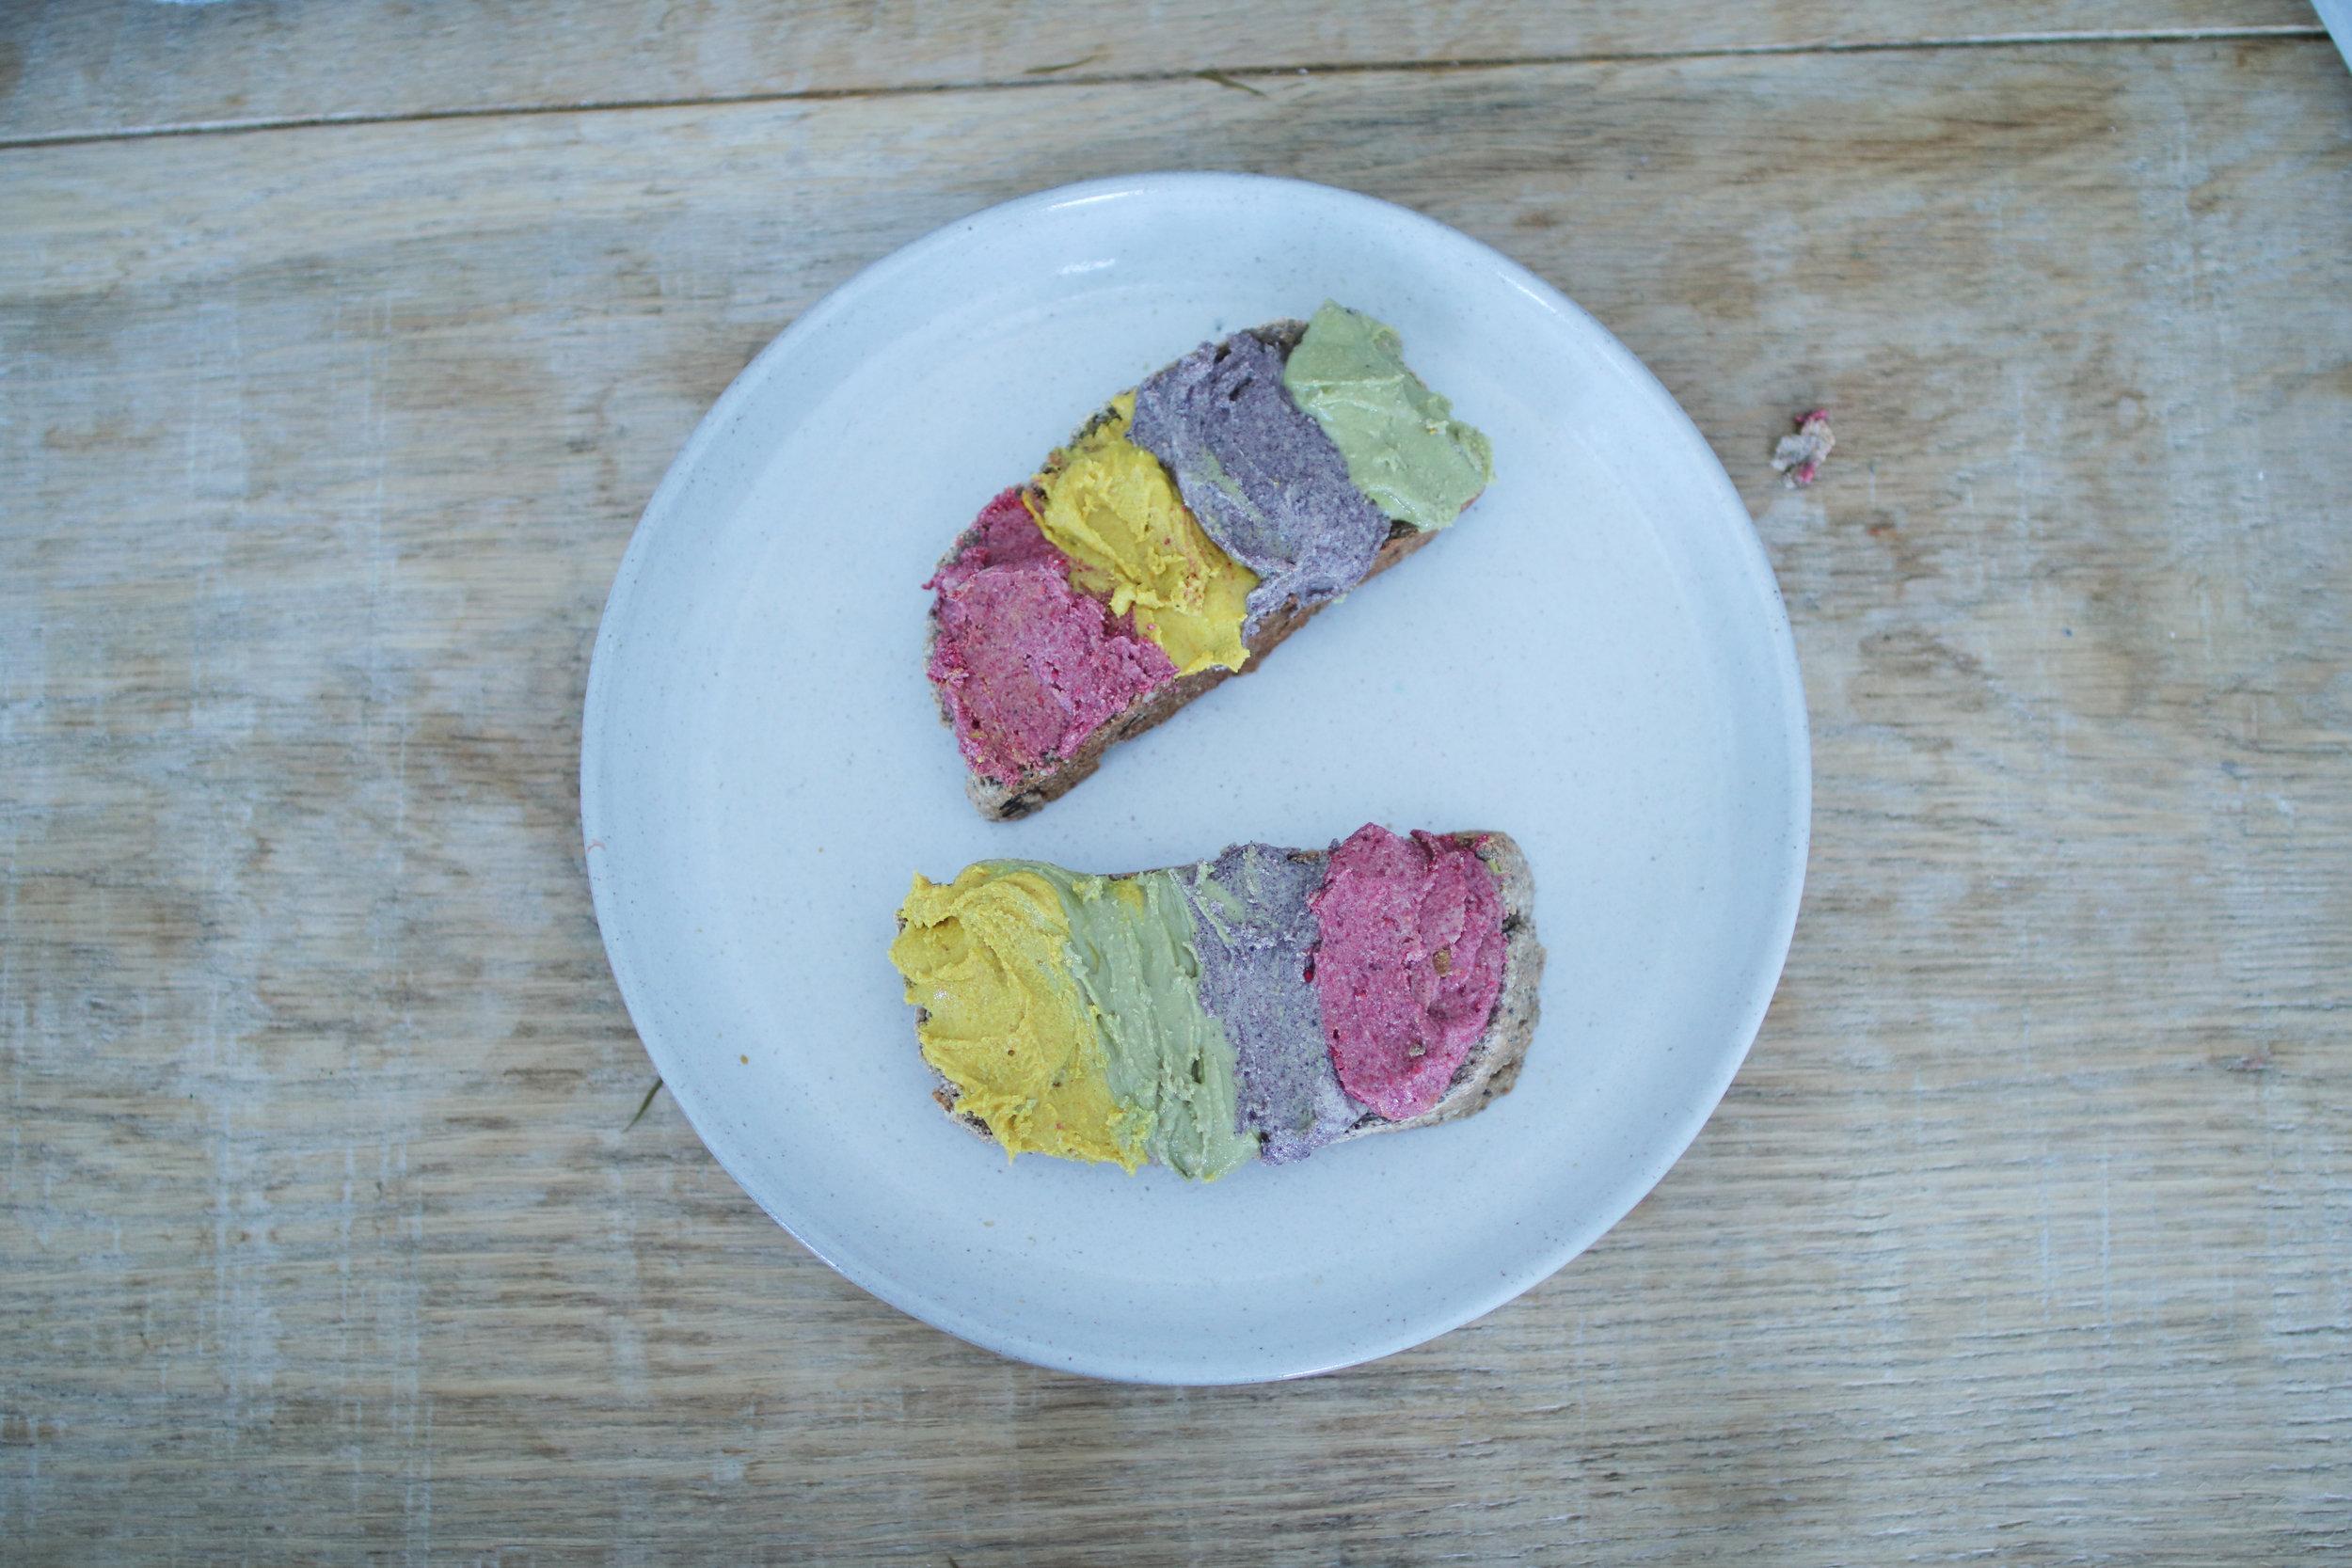 unicorn-toast-3.jpg